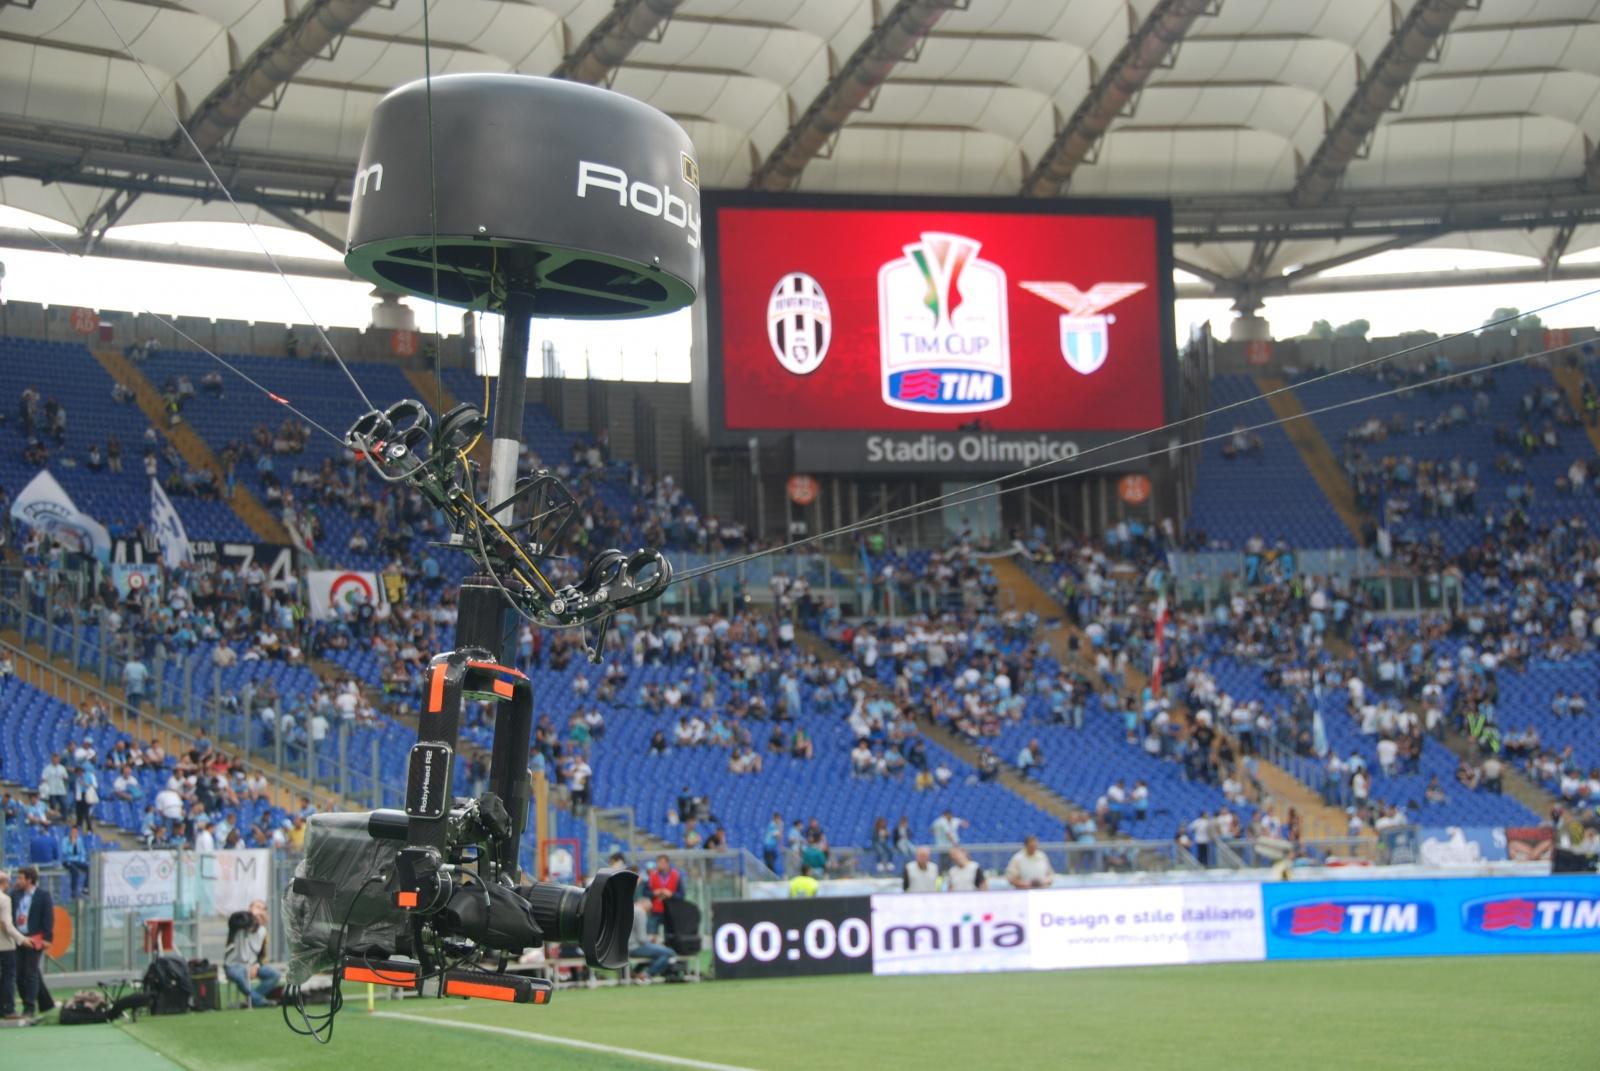 Что за роботы-пауки летают над стадионами и снимают футбол. Интервью с создателем Robycam - 5